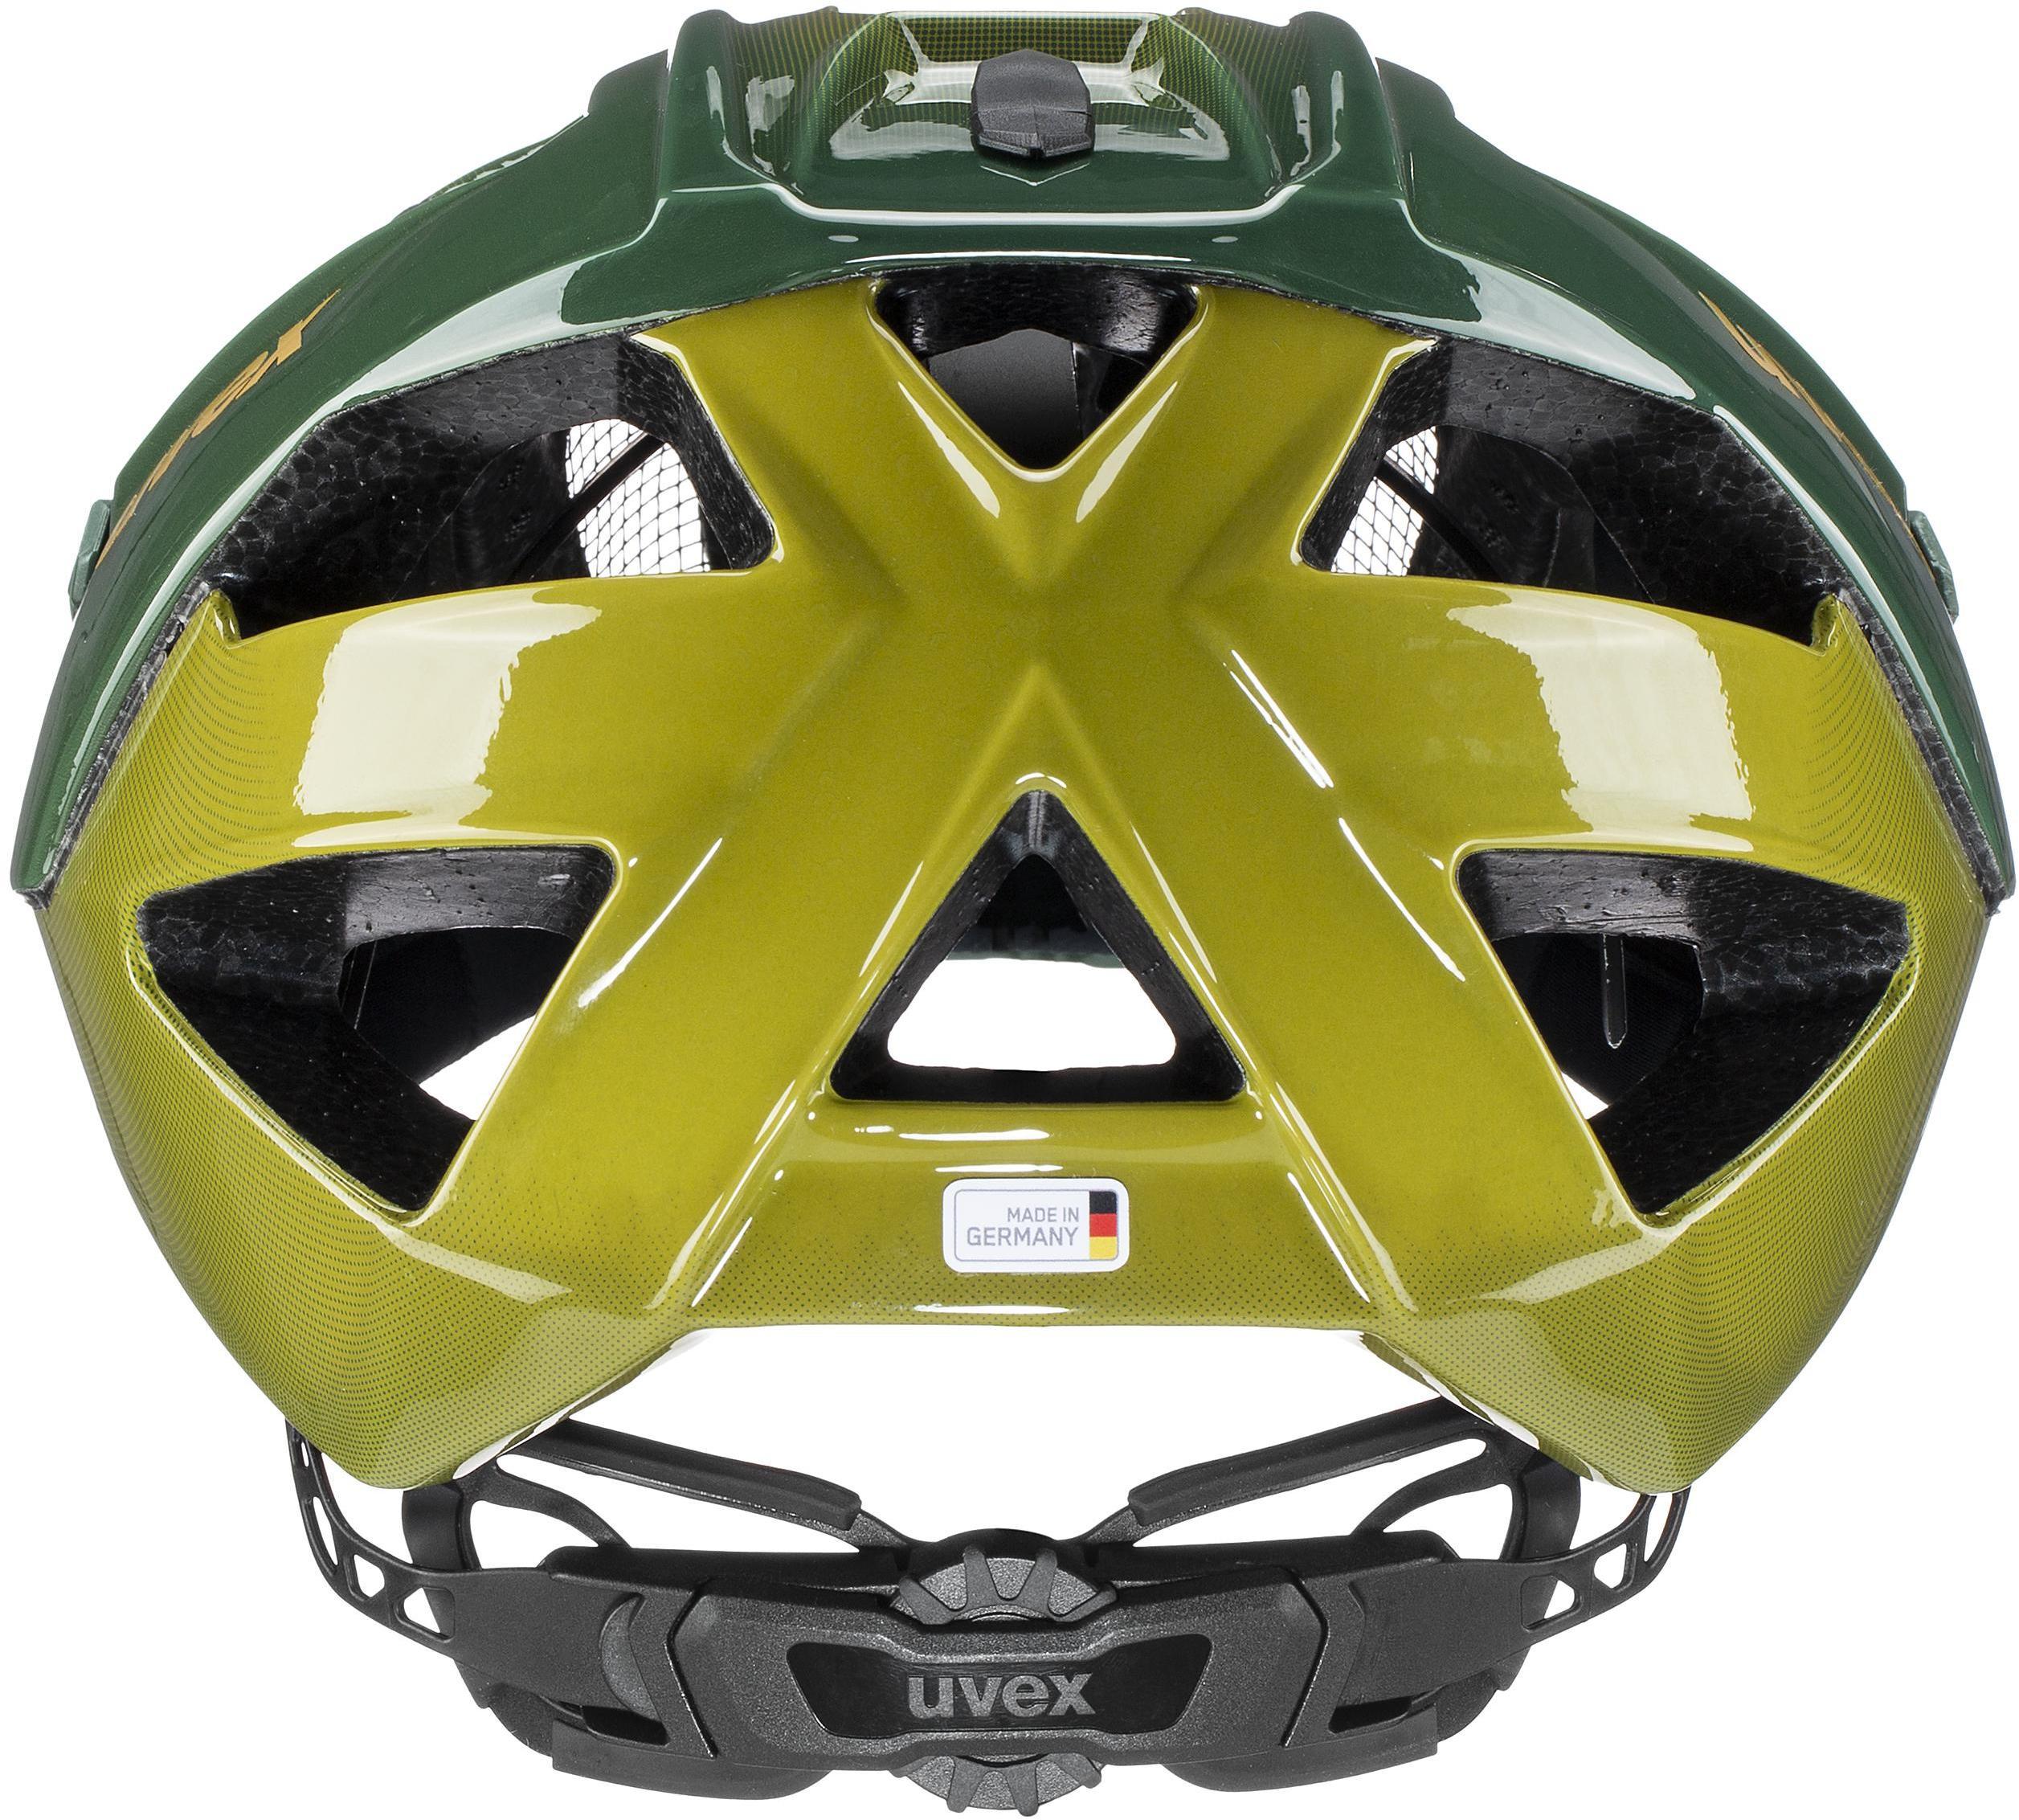 Uvex Quatro